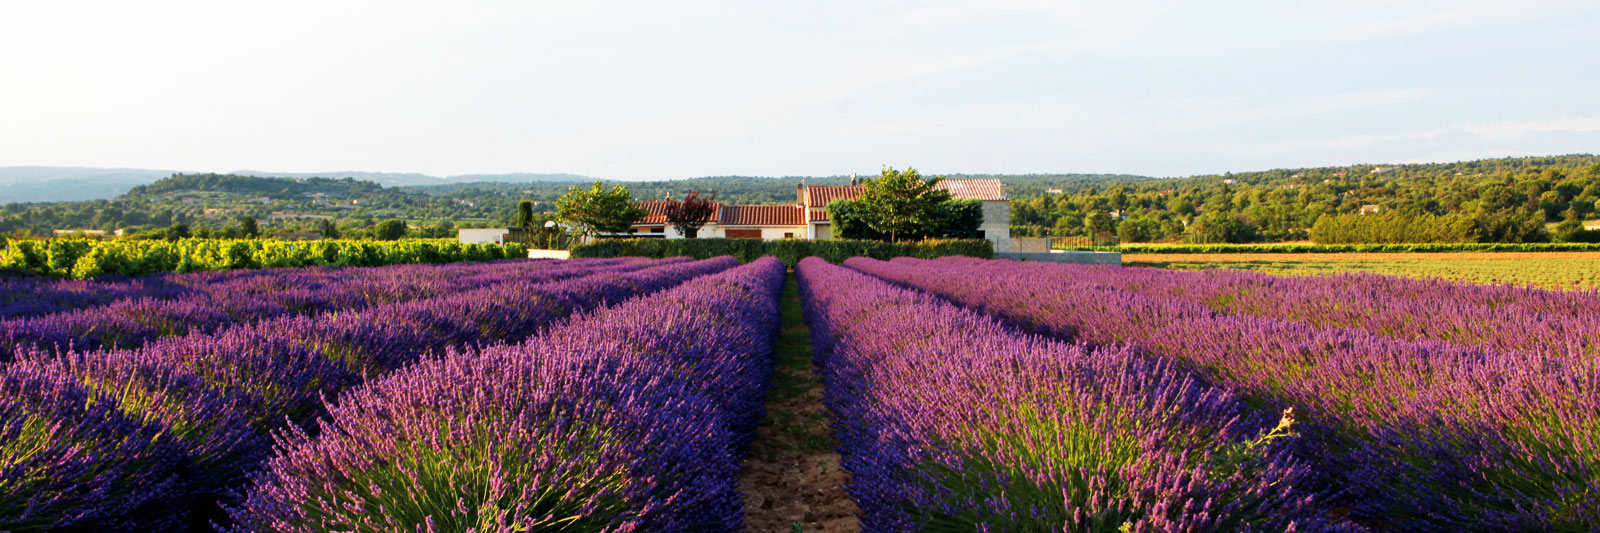 Ferienwohnungen & Ferienhäuser in Frankreich mieten